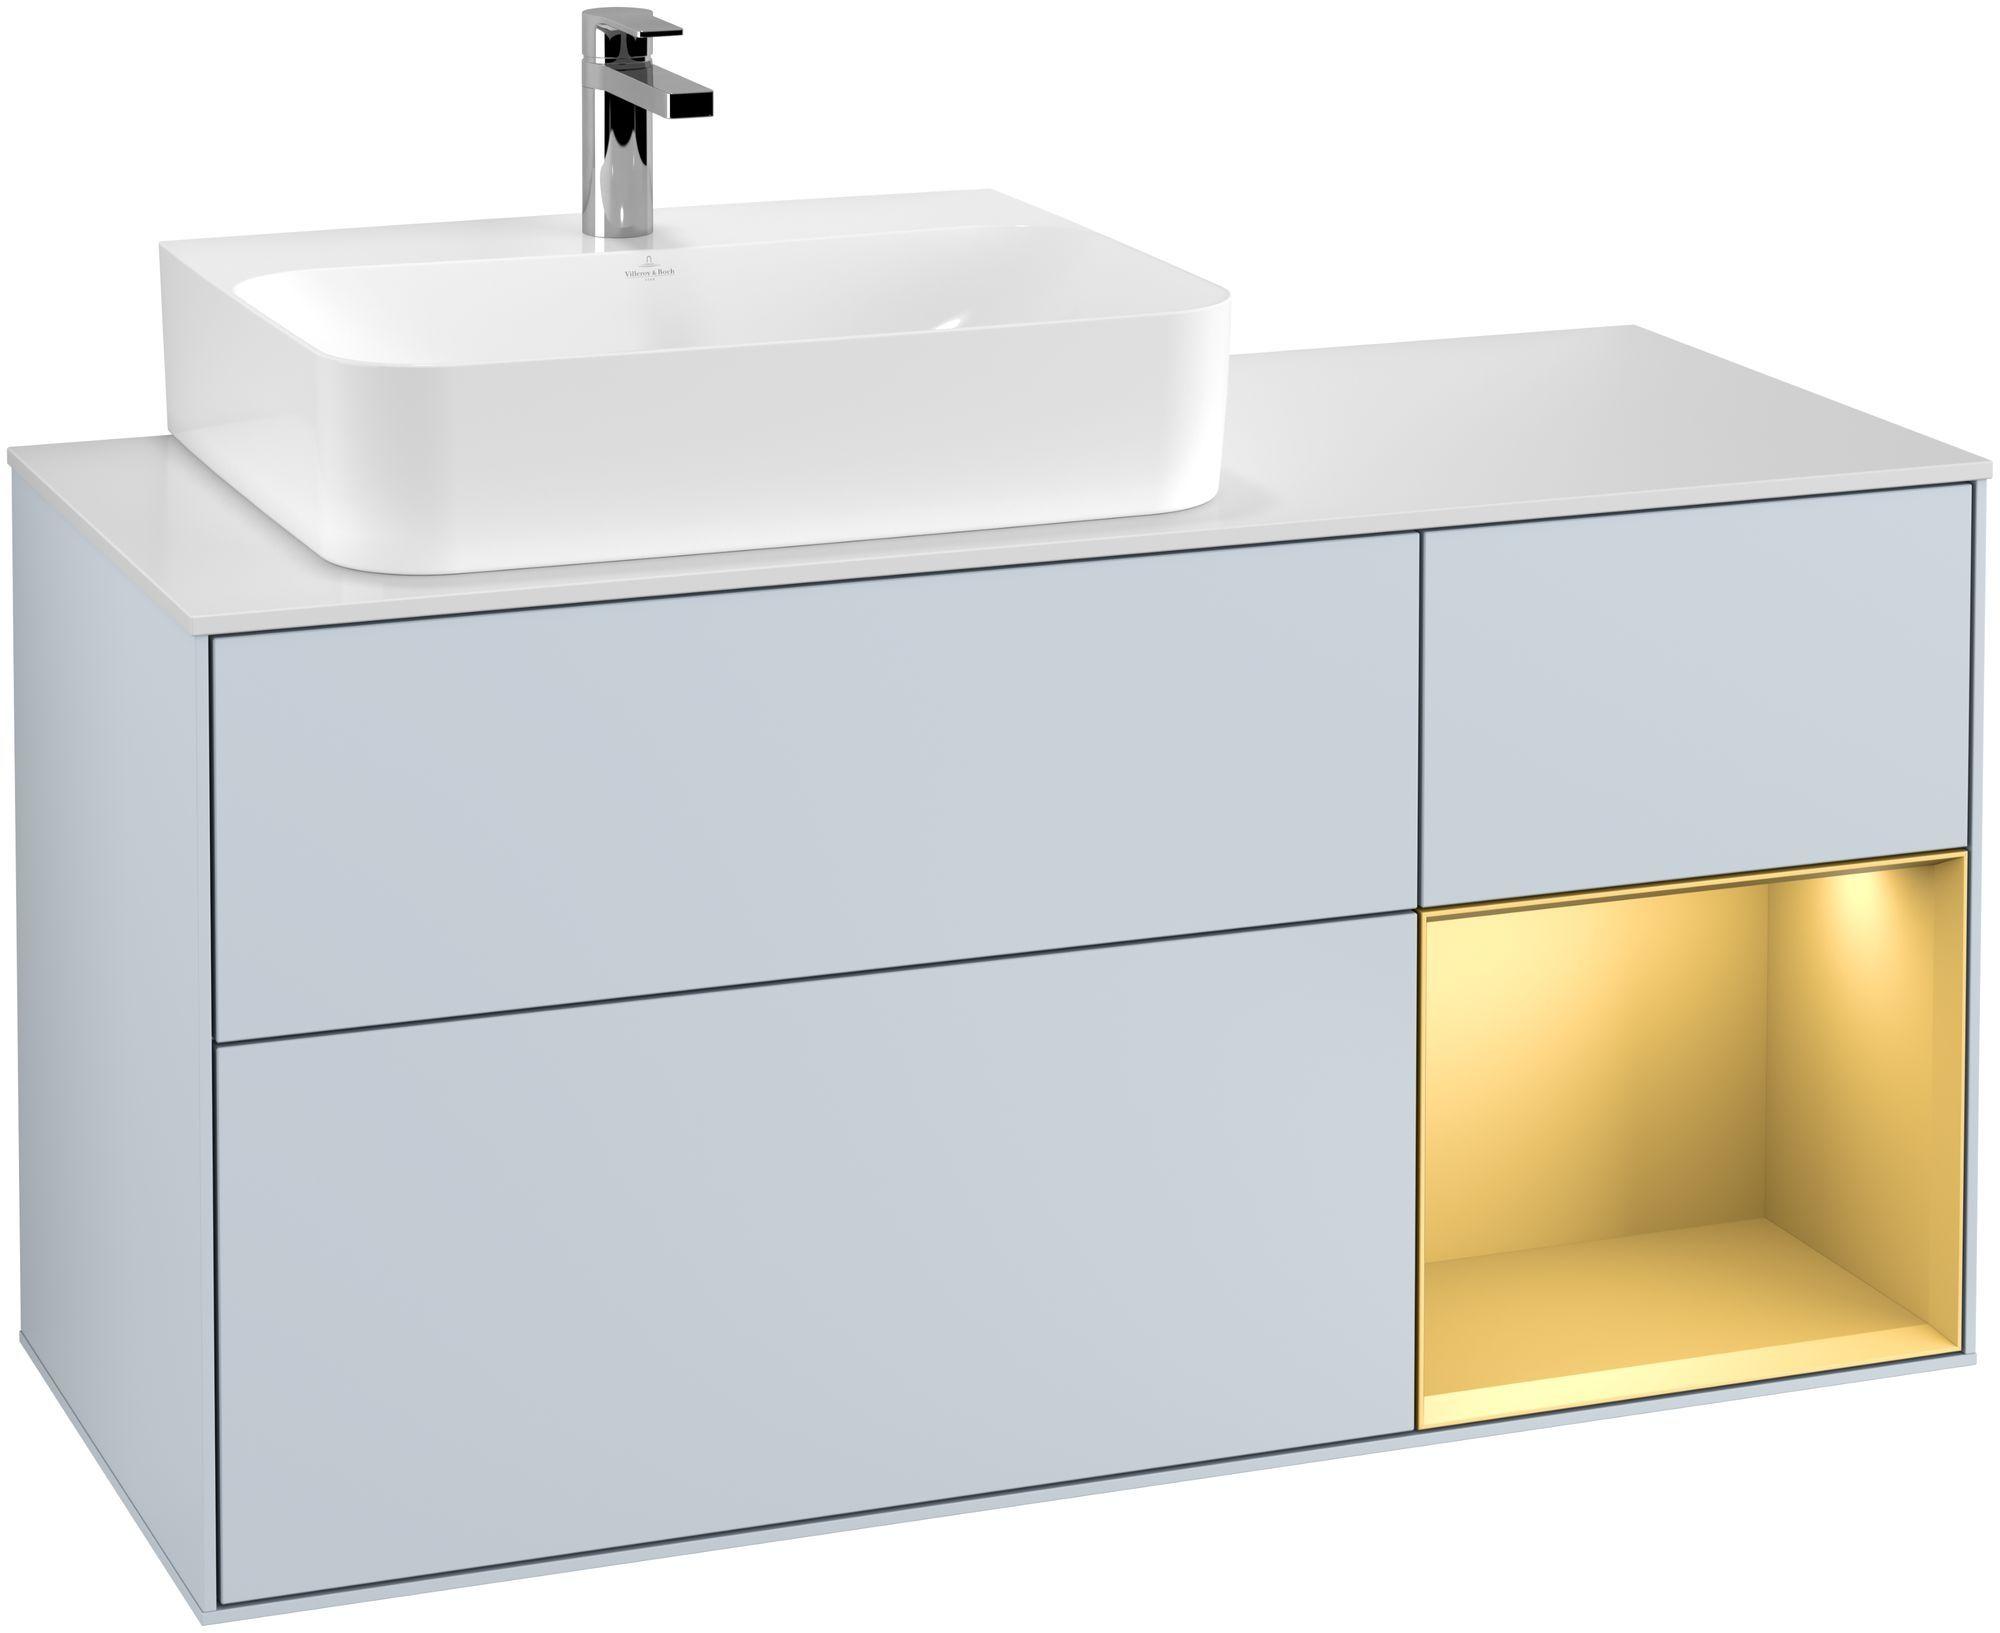 Villeroy & Boch Finion F15 Waschtischunterschrank mit Regalelement 3 Auszüge Waschtisch links LED-Beleuchtung B:120xH:60,3xT:50,1cm Front, Korpus: Cloud, Regal: Gold Matt, Glasplatte: White Matt F151HFHA